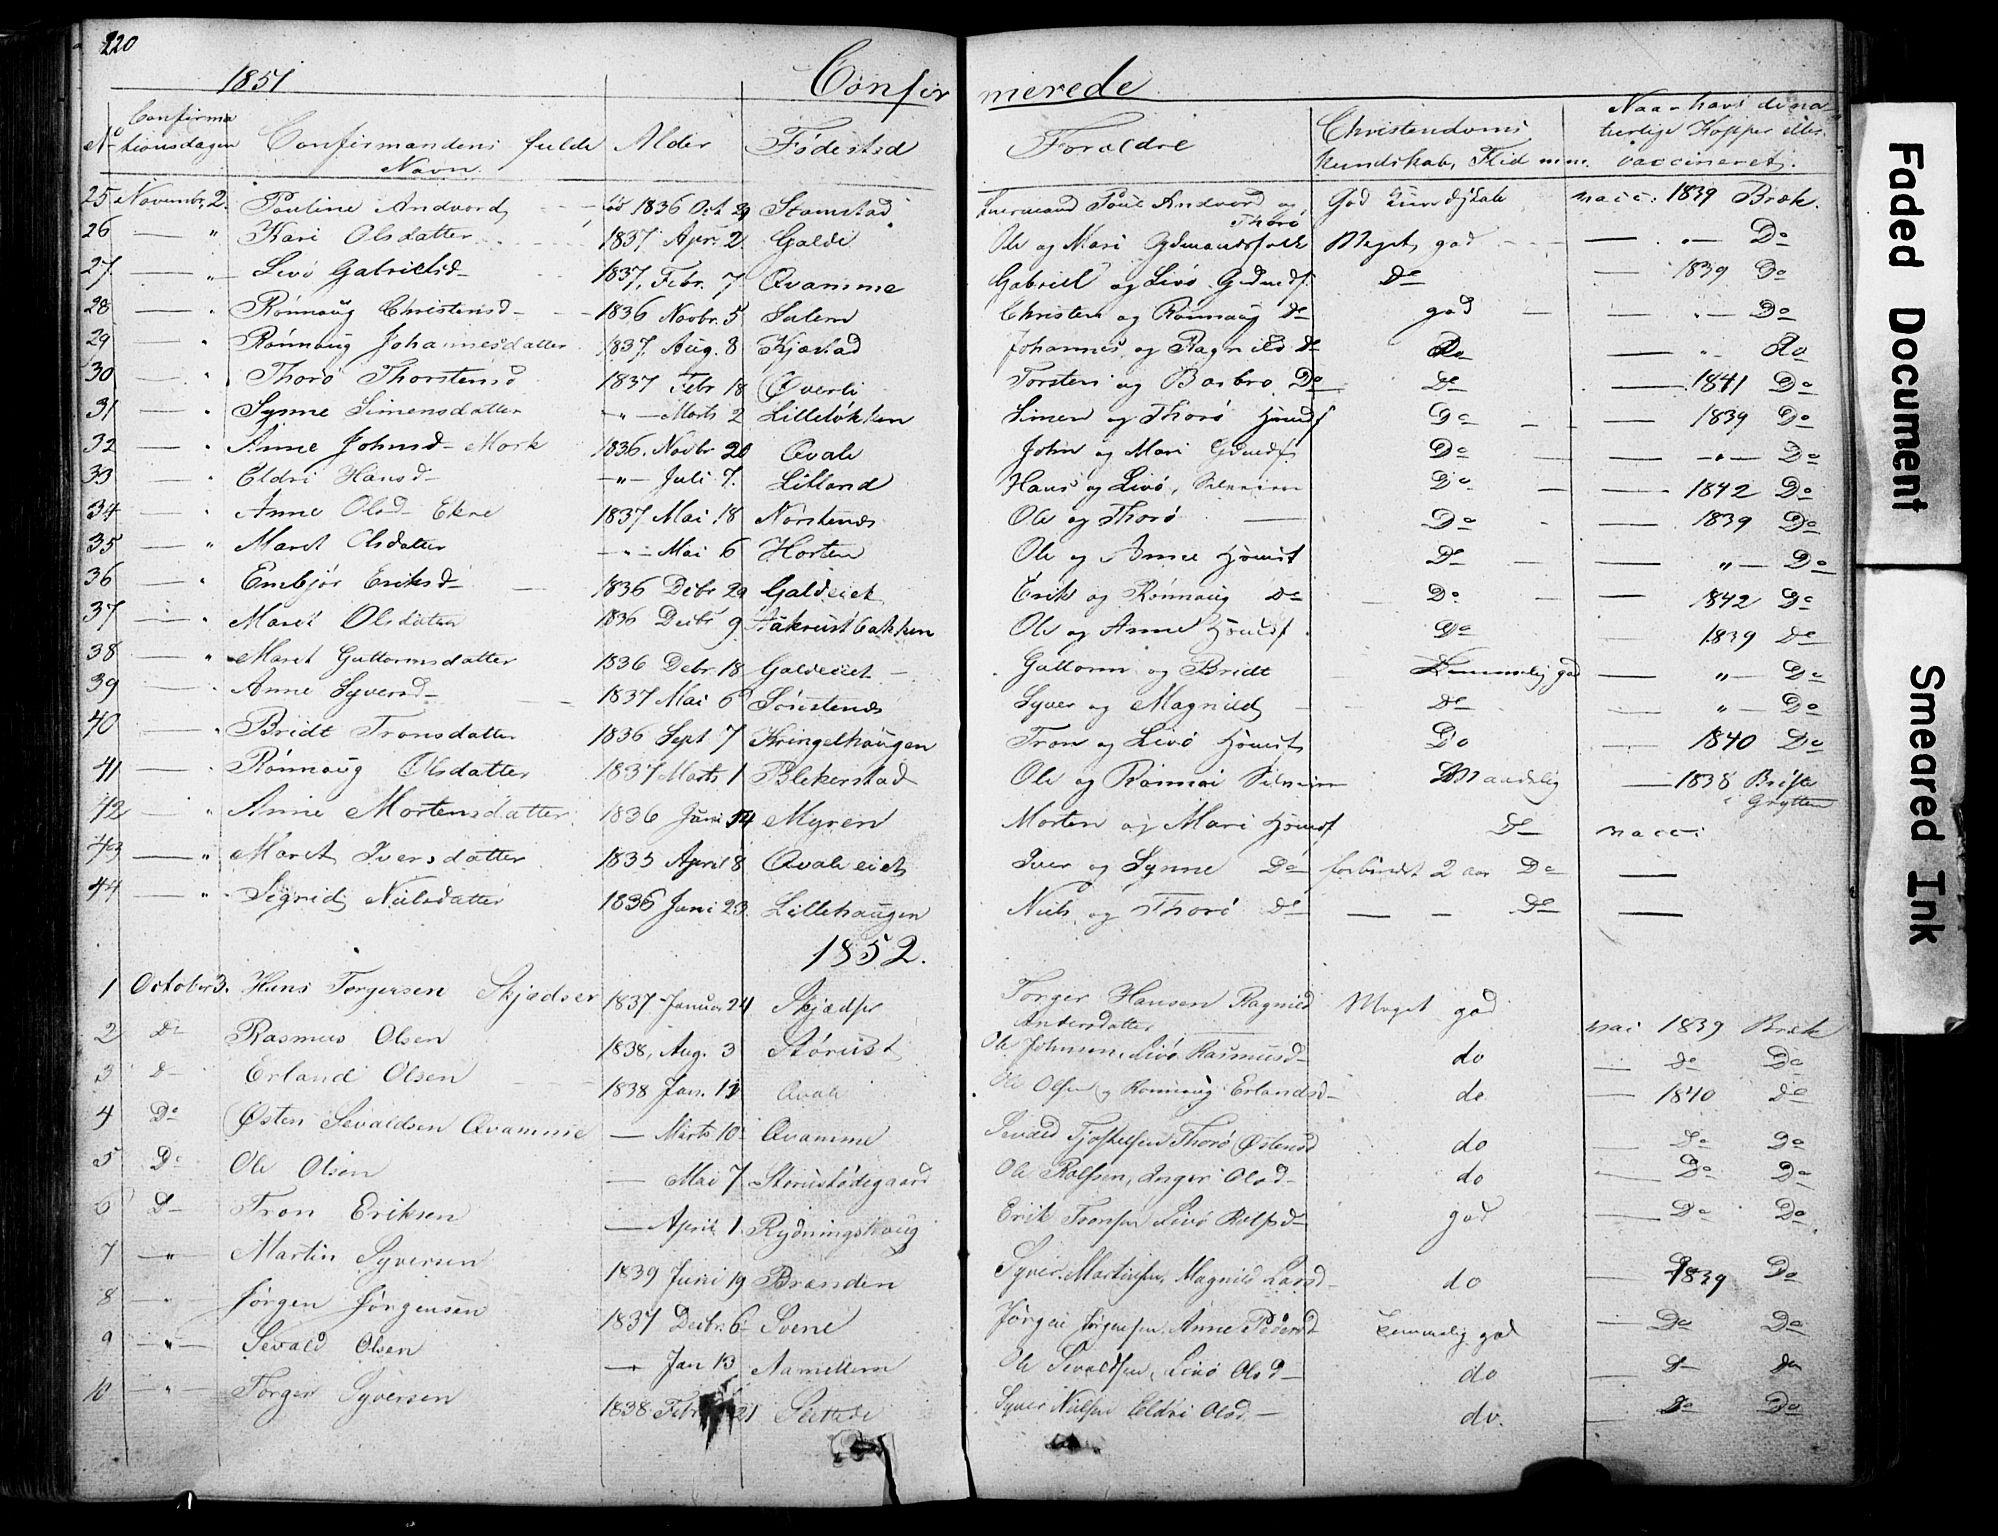 SAH, Lom prestekontor, L/L0012: Klokkerbok nr. 12, 1845-1873, s. 220-221